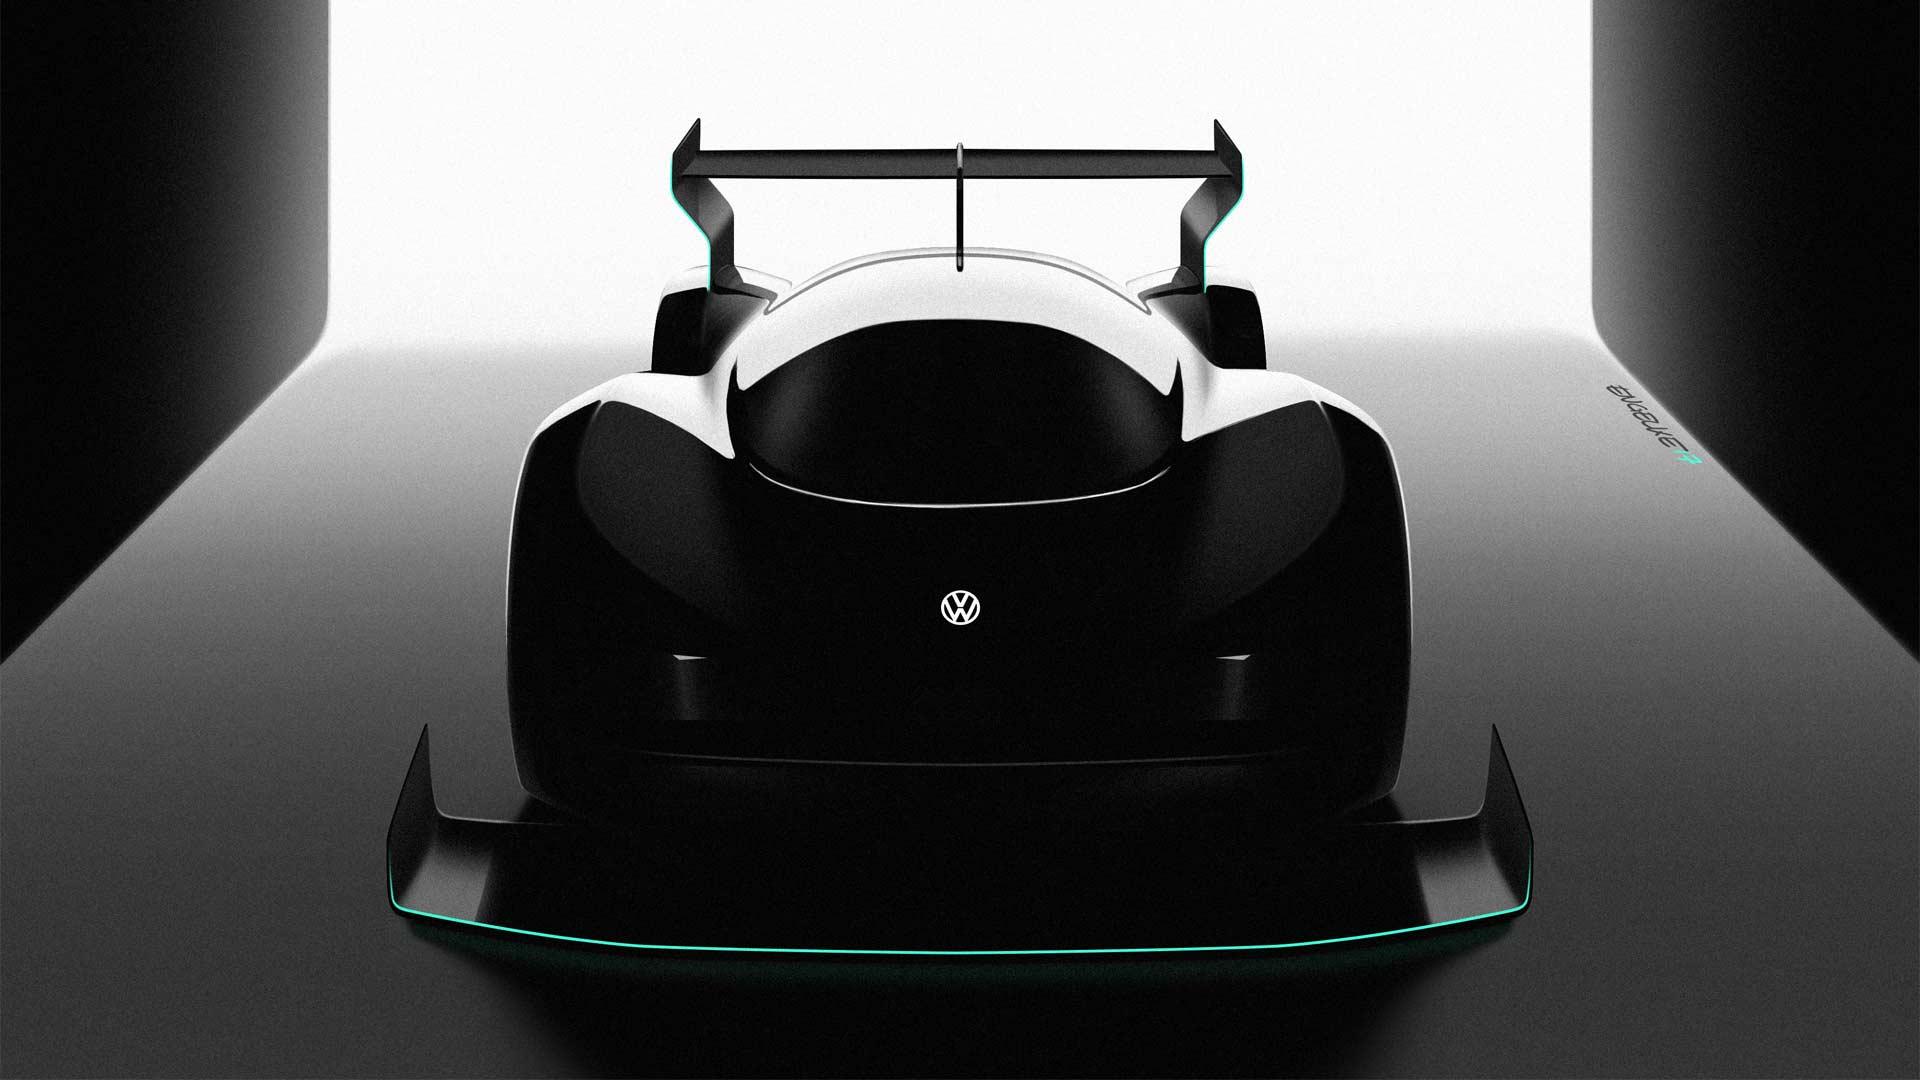 Volkswagen-develops-electric-race-car Pikes Peak